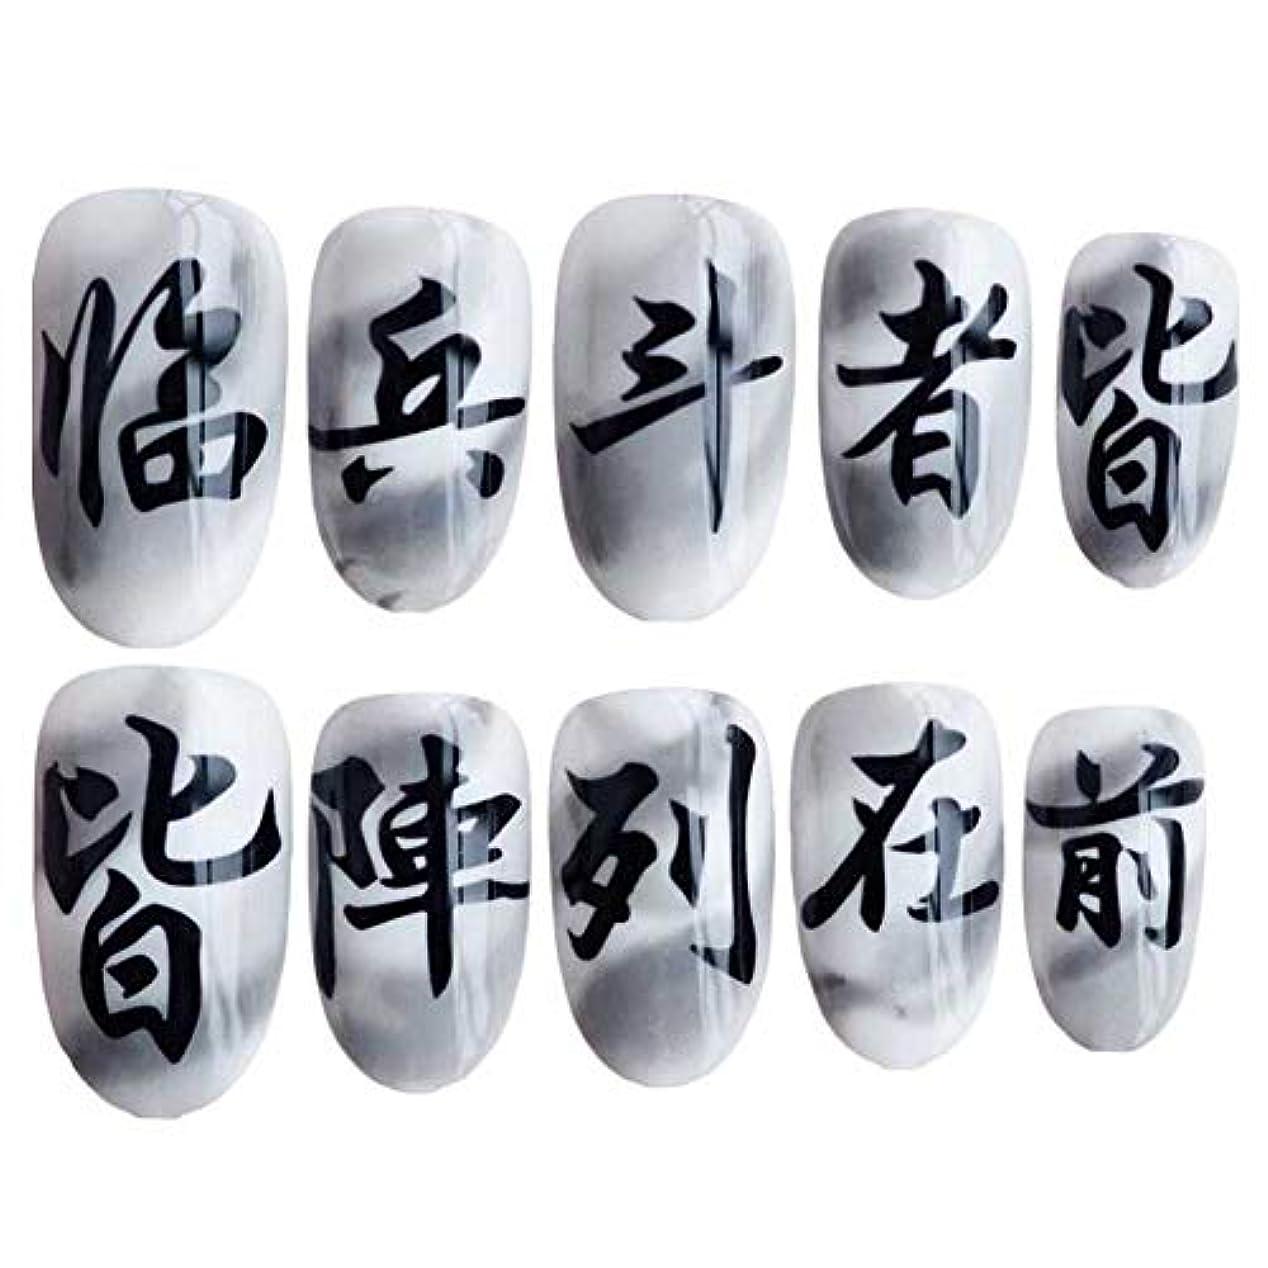 バルブレース紫の中国語文字灰色/白い偽爪爪人工爪装飾爪のヒント